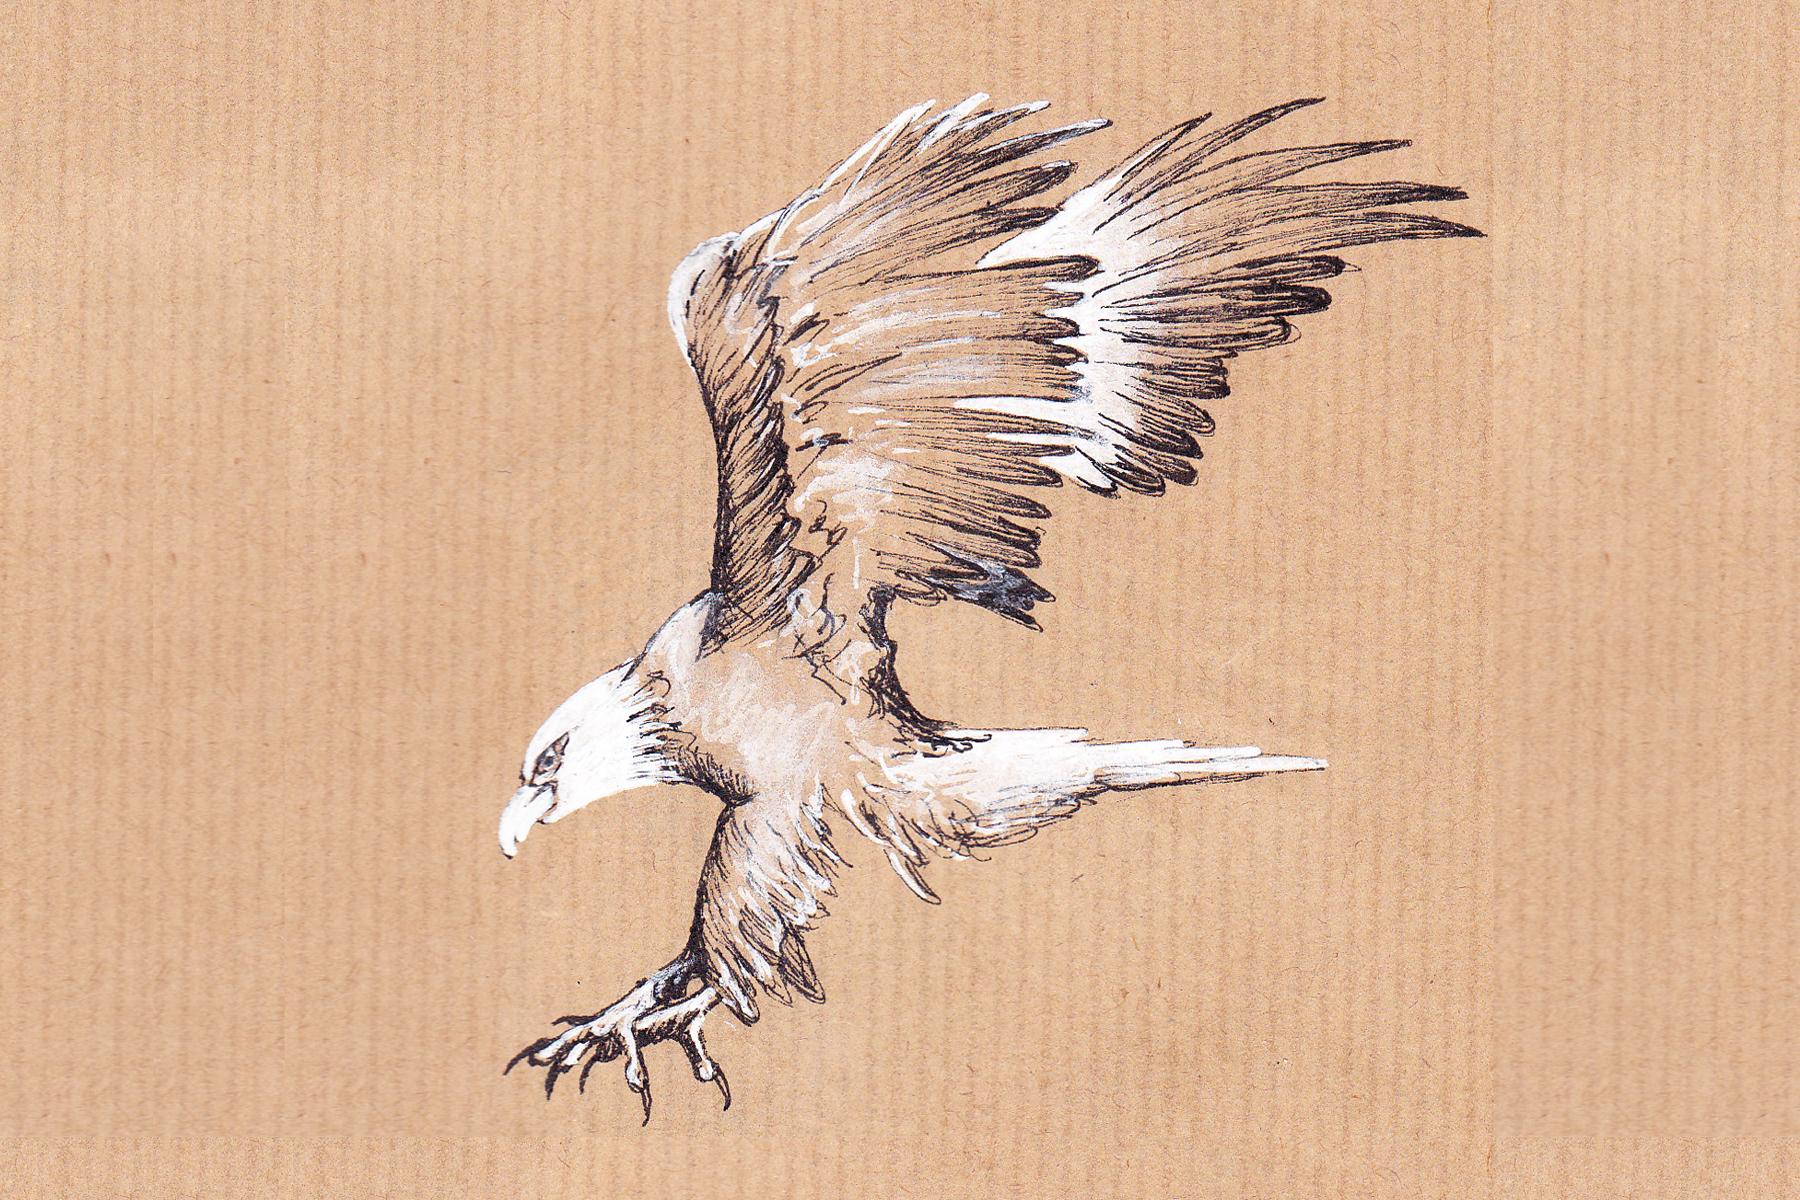 Sea eagle landing